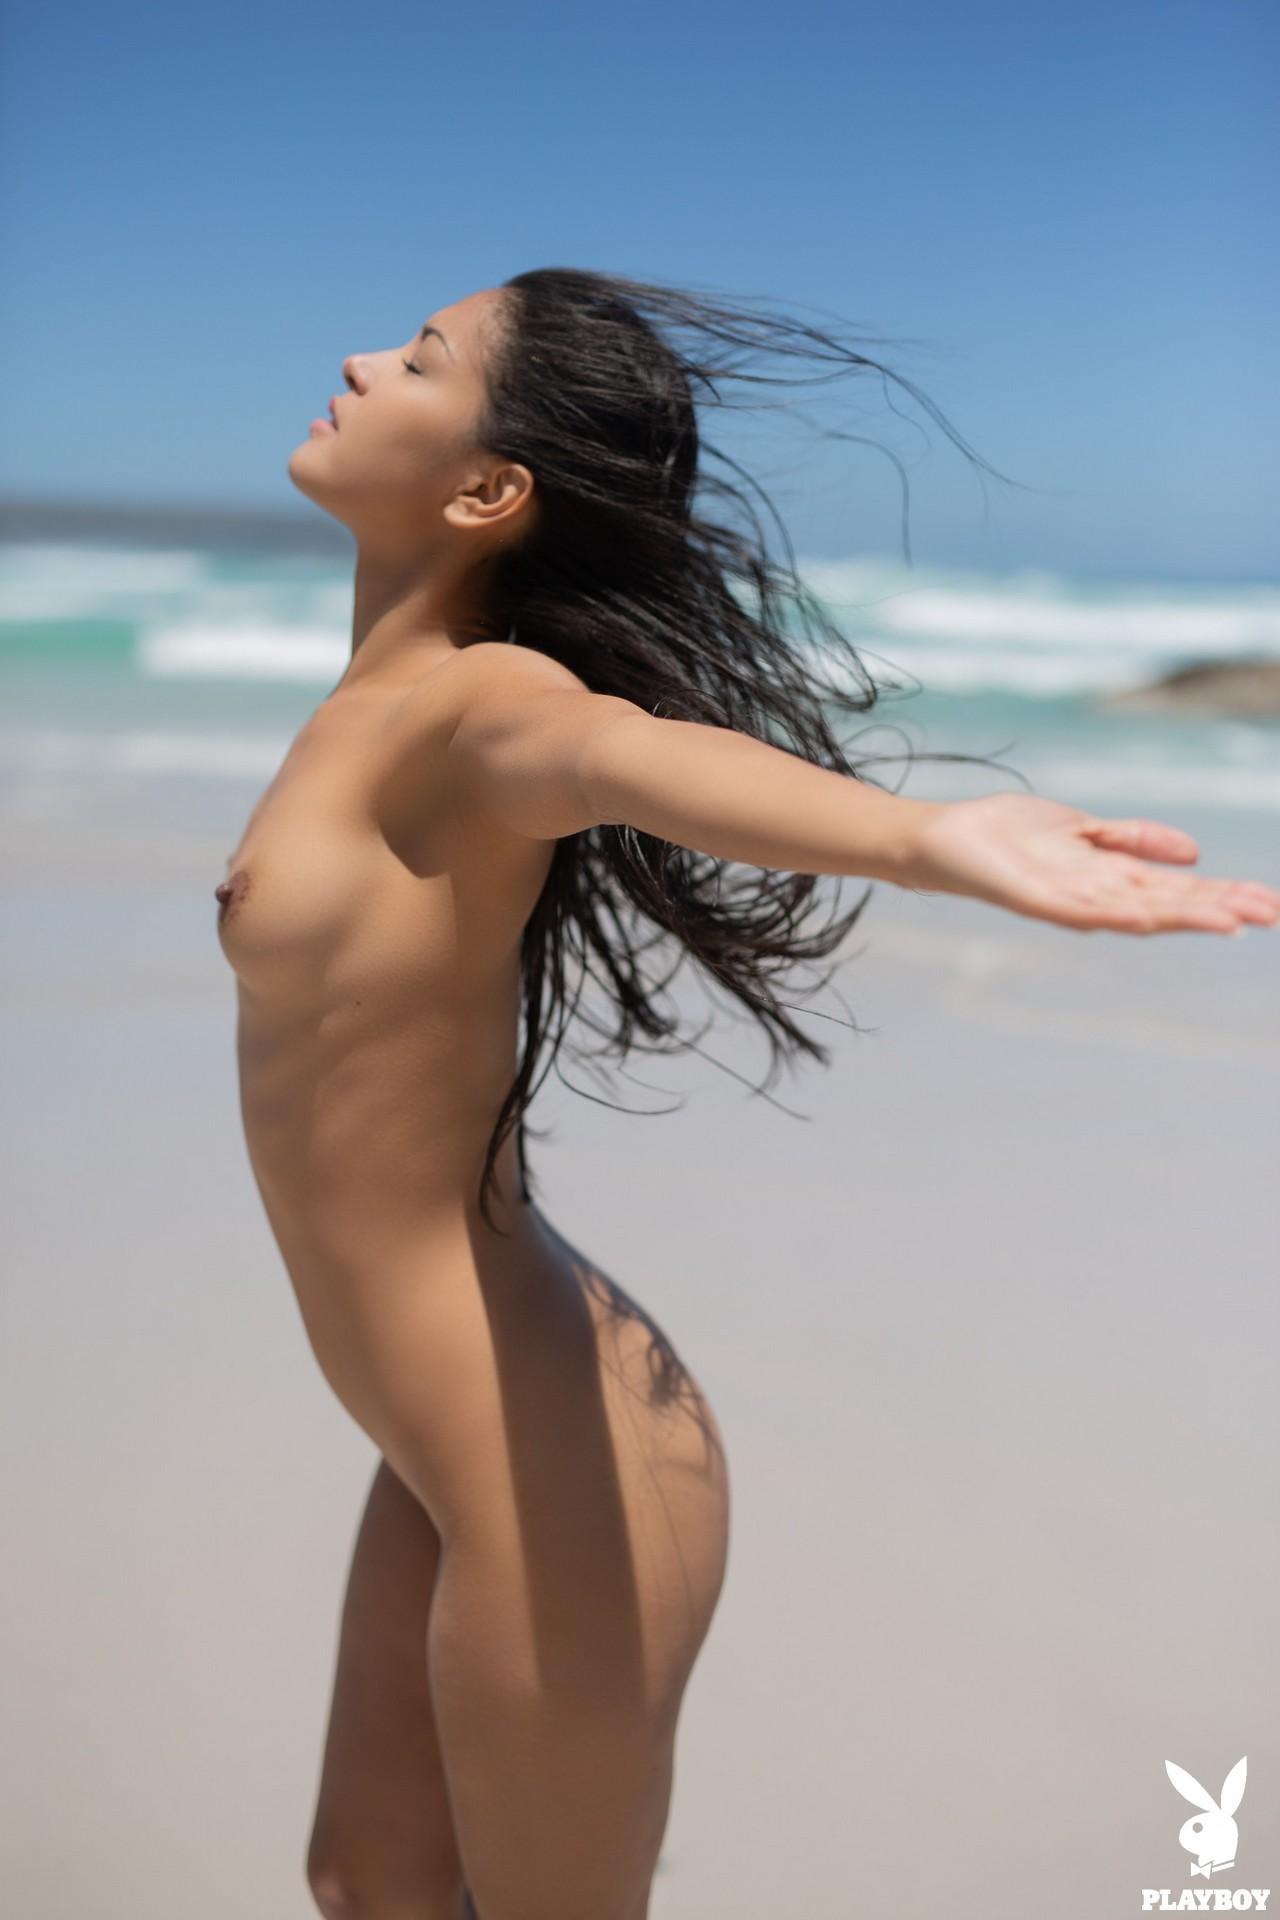 Chloe Rose in Windswept - Playboy Plus 8